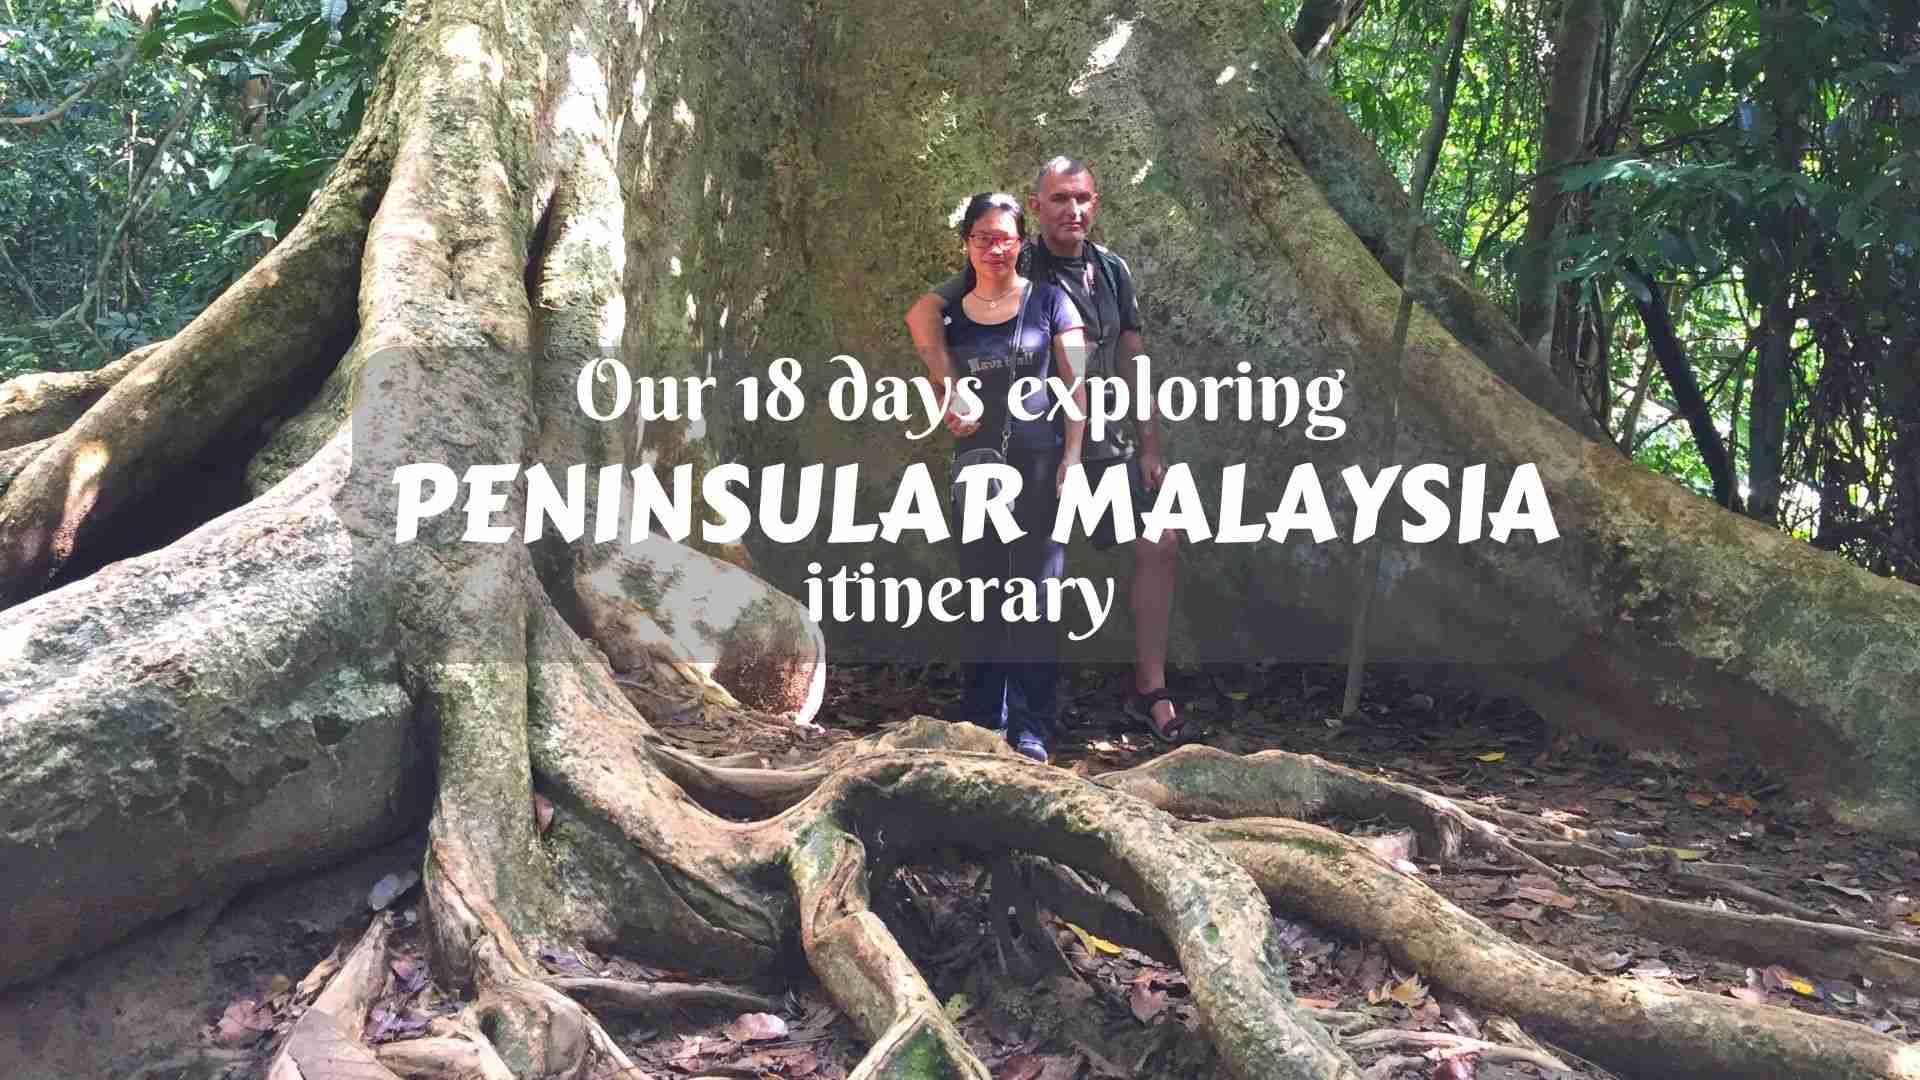 An 18 days exploring Peninsular Malaysia itinerary